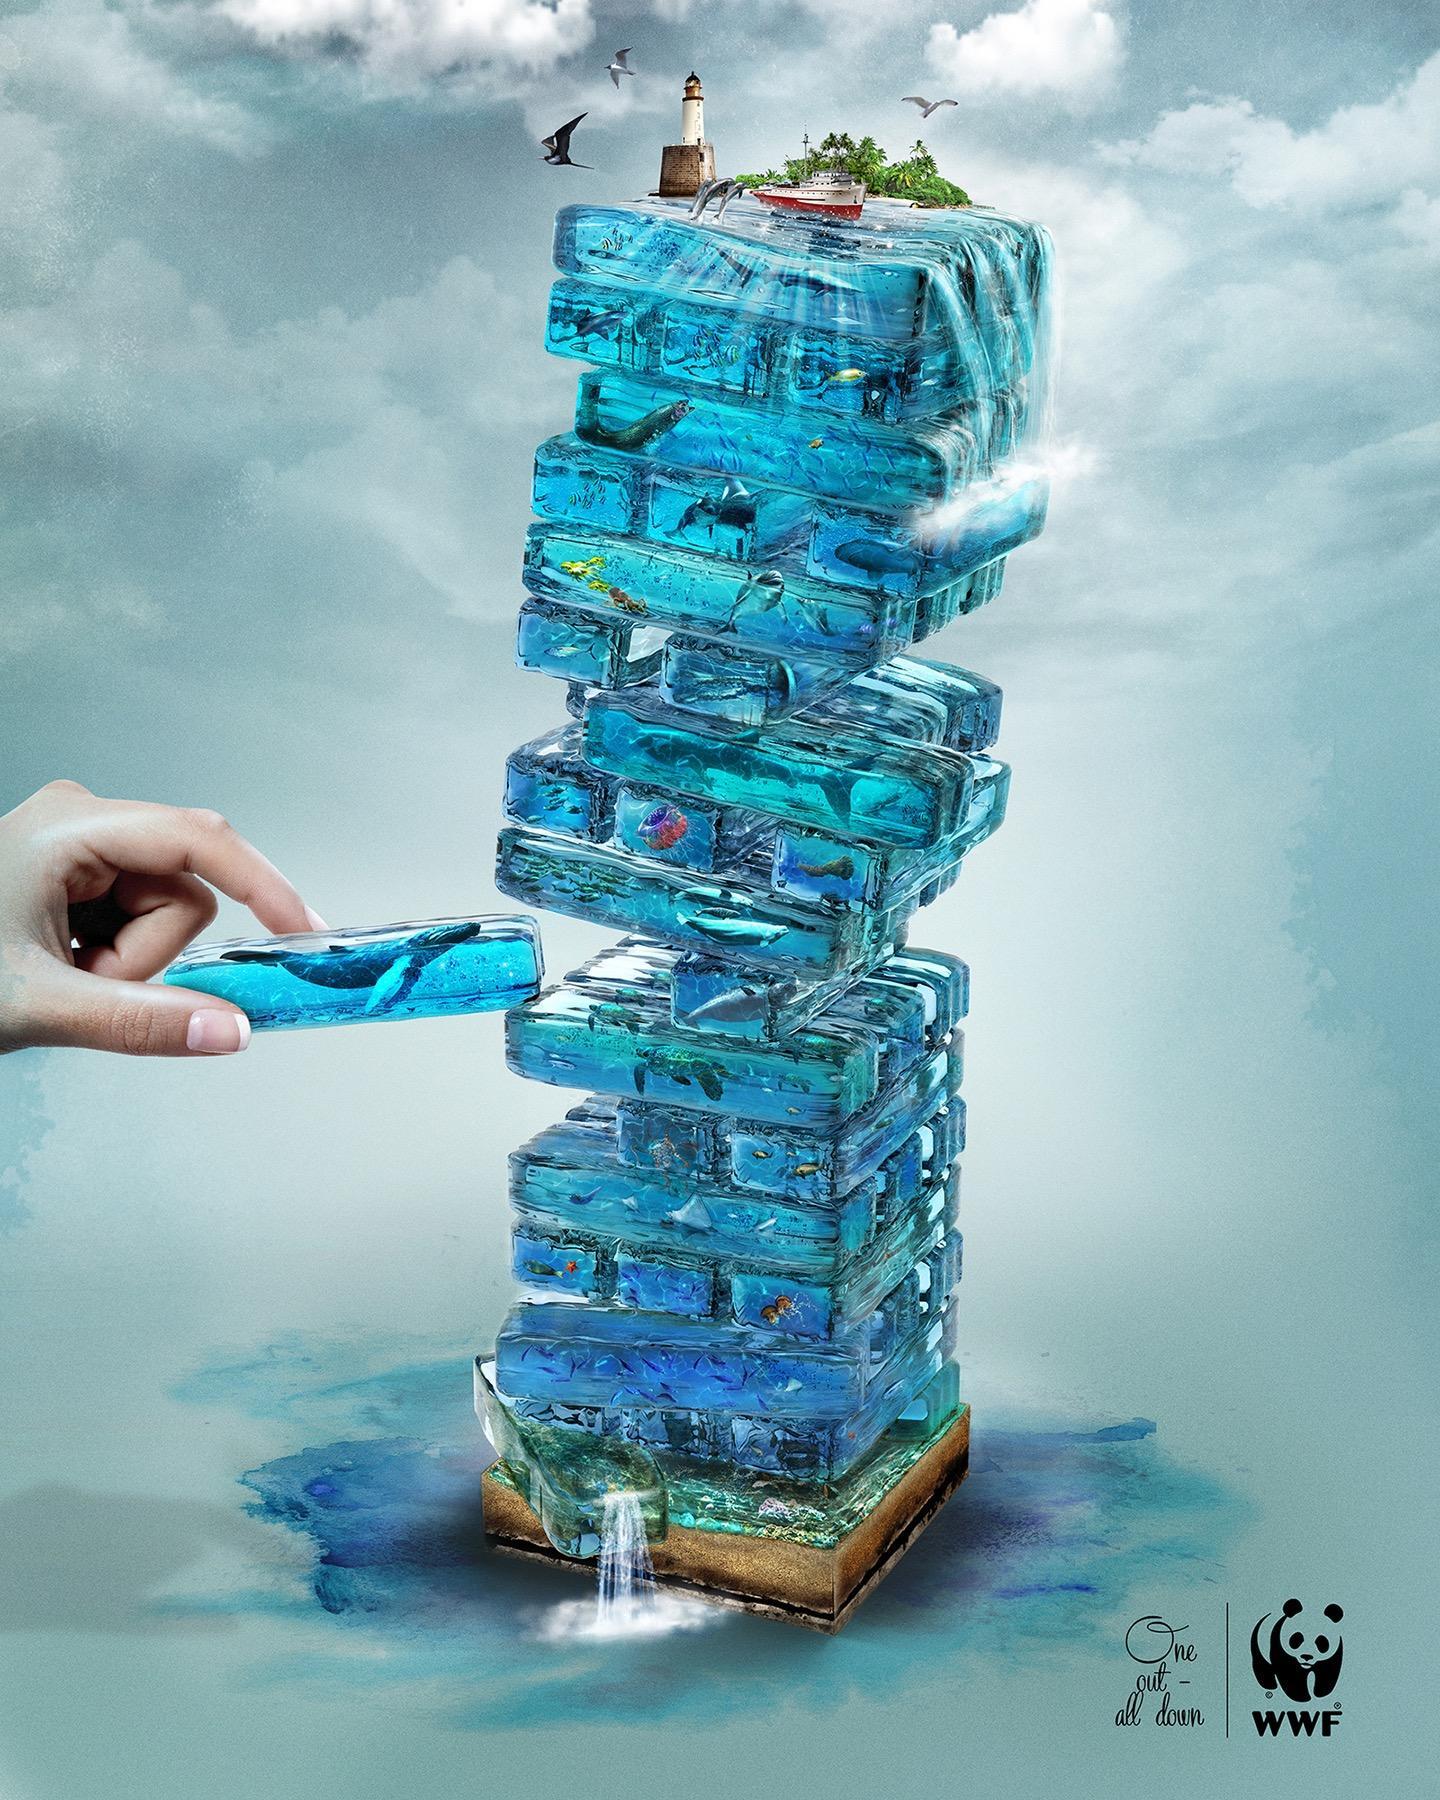 W trosce o planetę! Zobacz najlepsze kreacje WWF [GALERIA] ekologia mediarun wwf blue